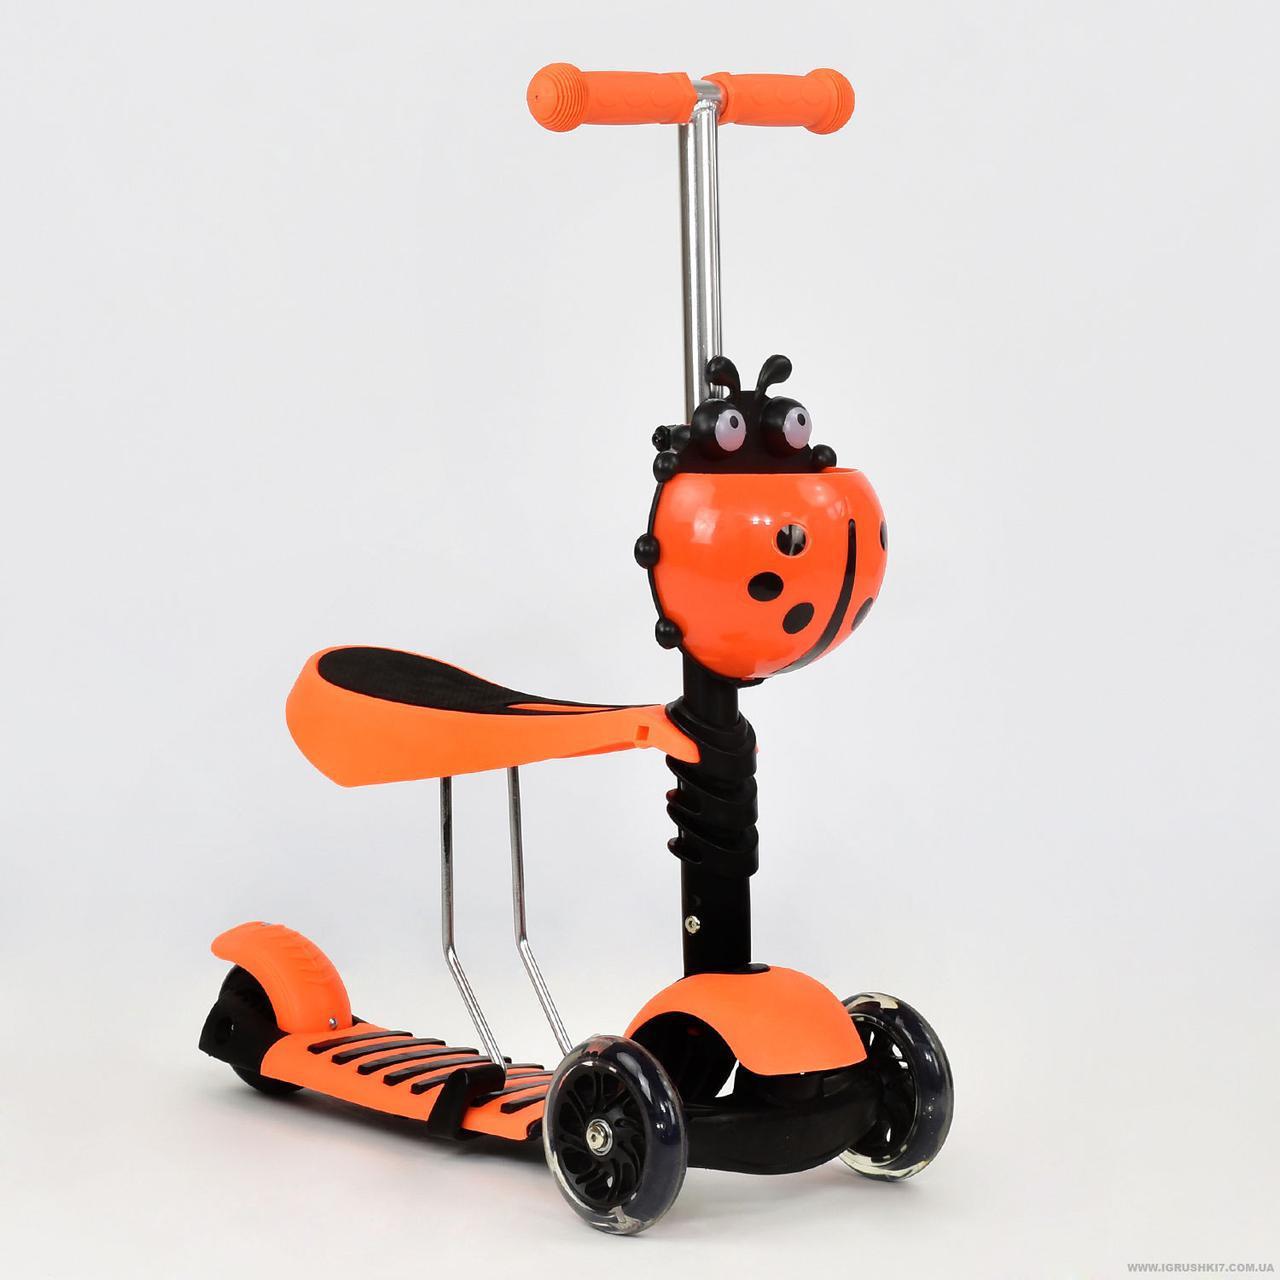 Детский самокат Scooter 3в1 , сиденье, корзинка, А 24673 - 1080  оранж